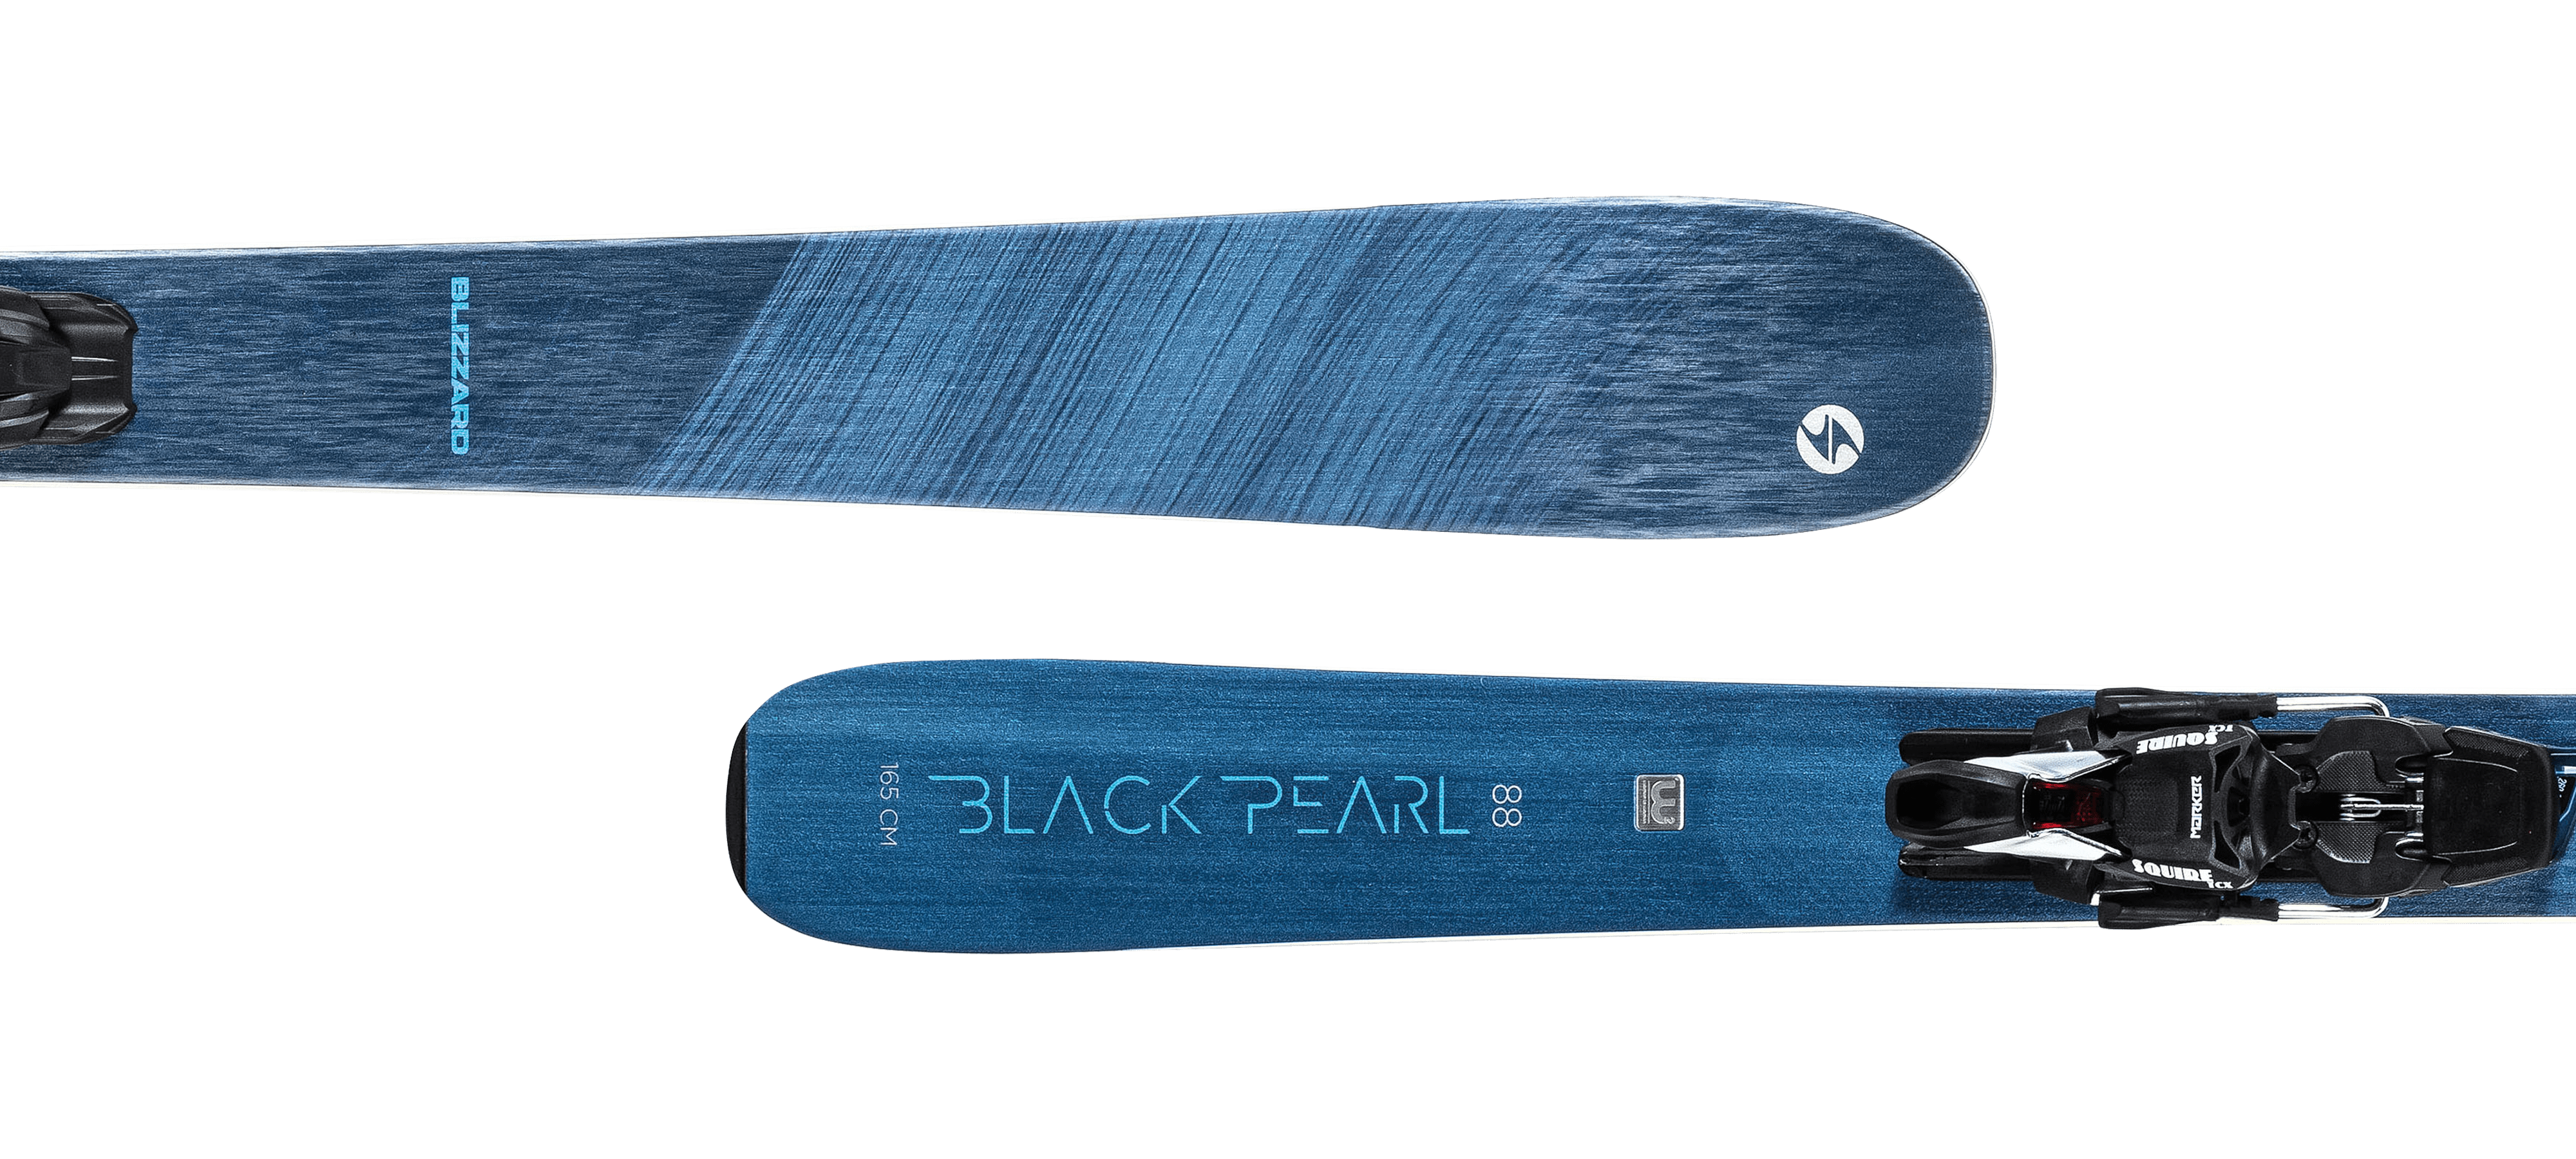 BLACK PEARL 88 + SQUIRE 11 DEMO